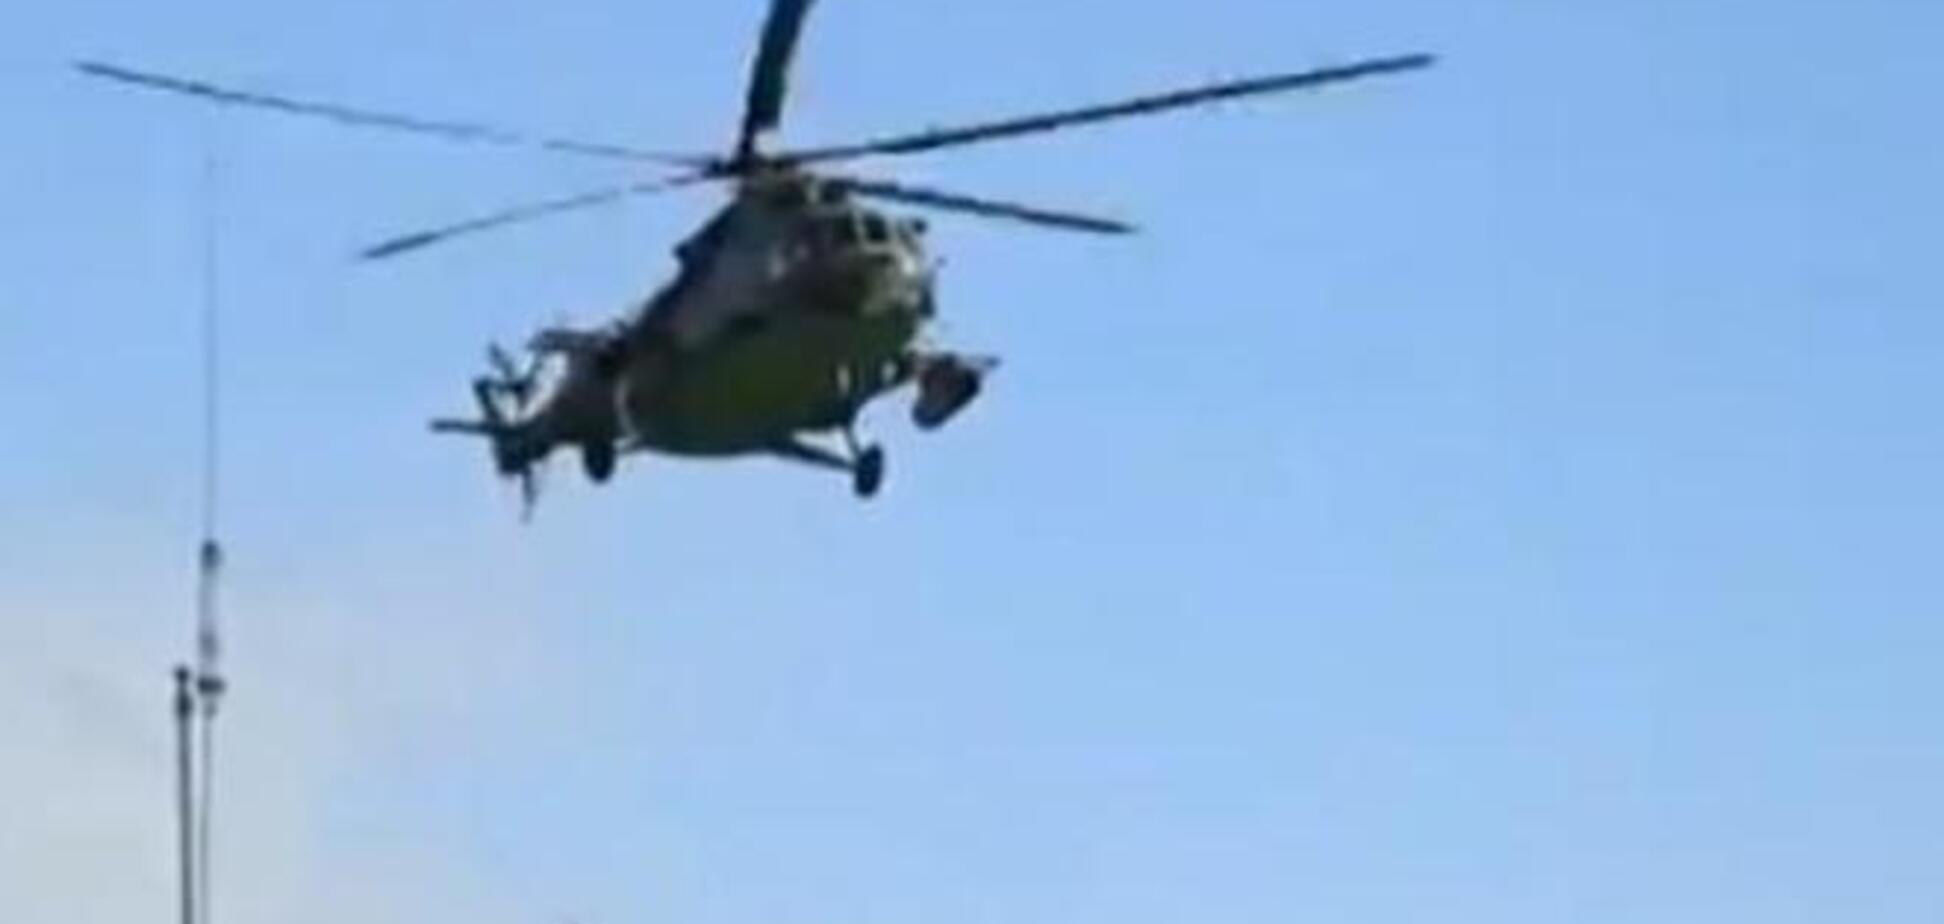 Террористы обстреляли в зоне АТО два вертолета - Селезнев